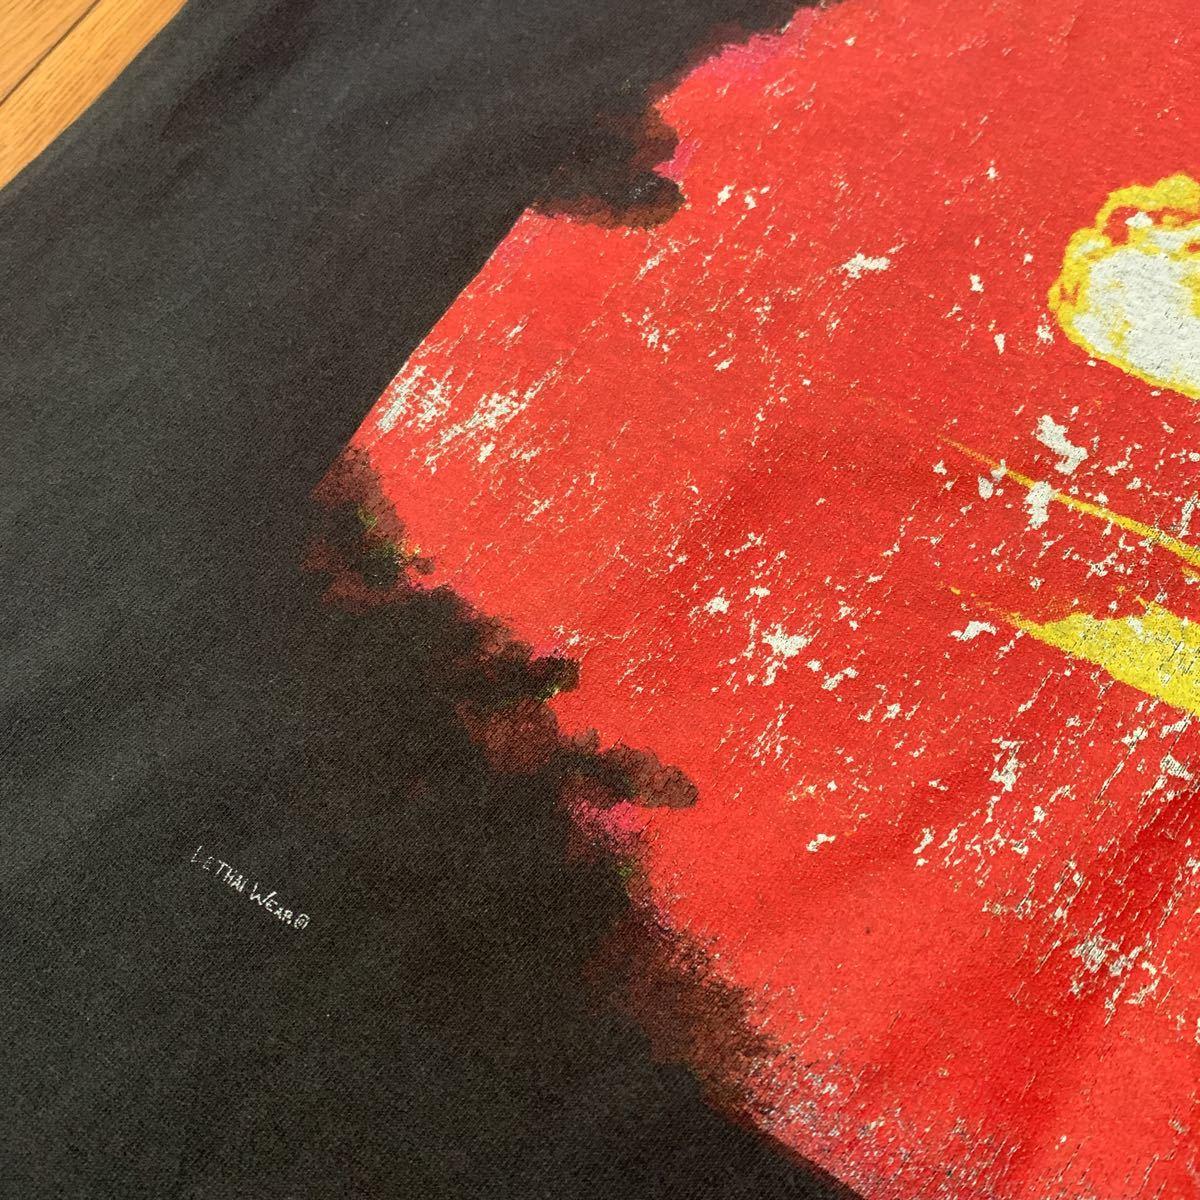 1円 cromags クロマグス バンド Tシャツ バンT 希少 レア ヘインズ 古着 hard core ニューヨーク ハードコア クロスオーバー メタル_画像3